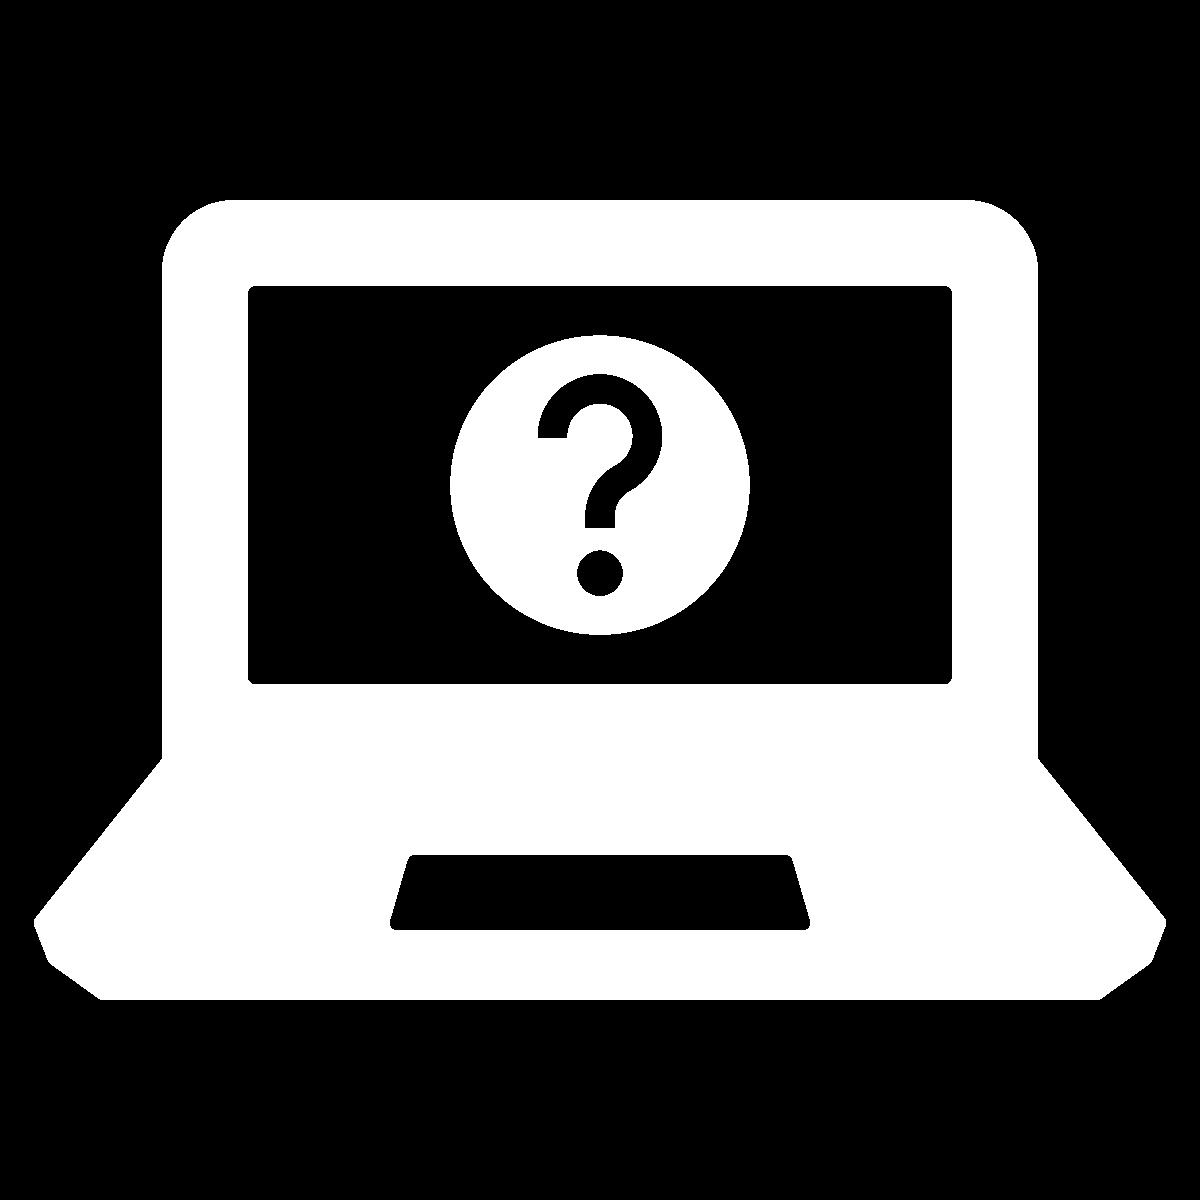 ucat-question-bank